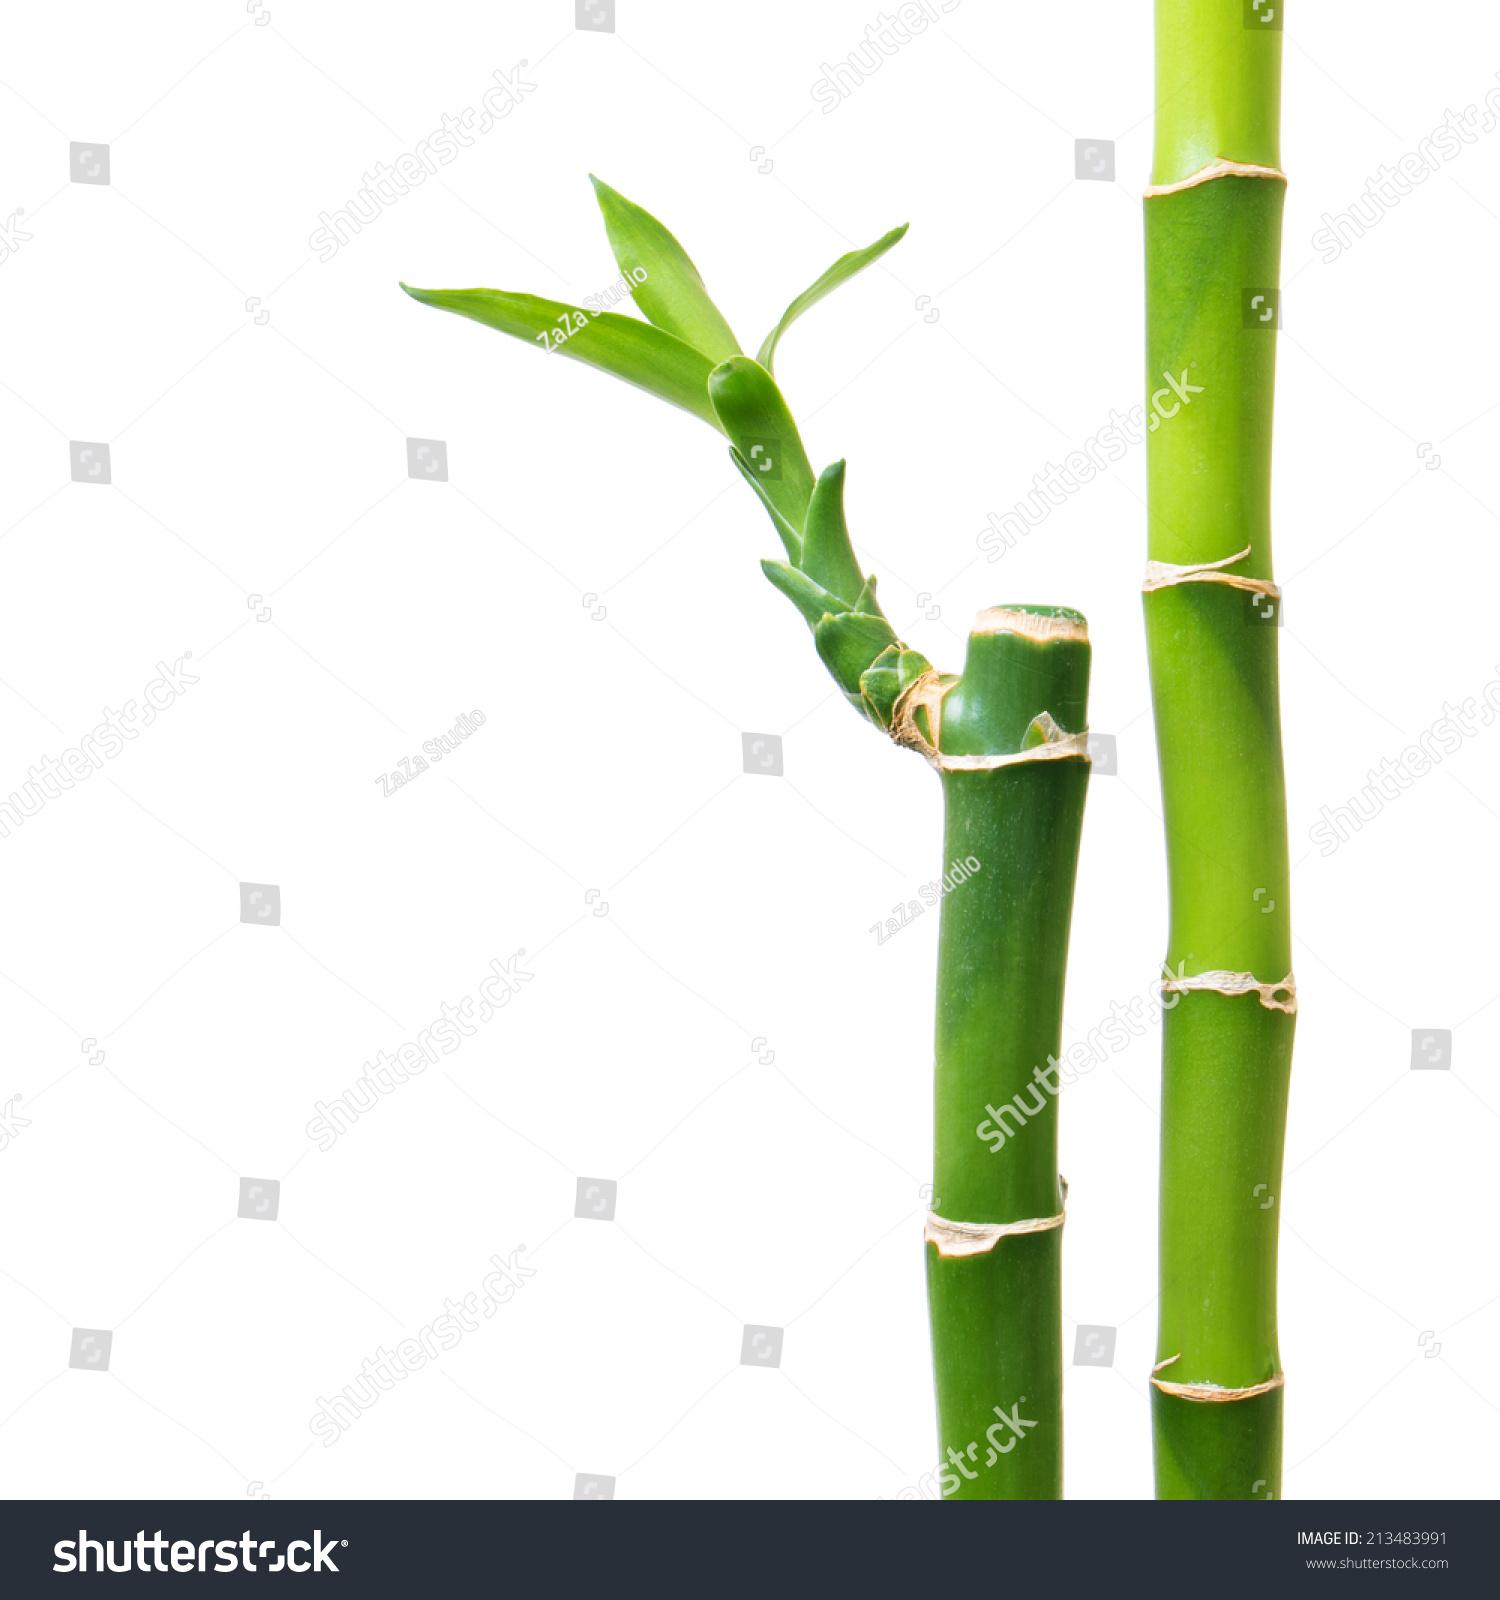 Fresh Bamboo Isolated On White Background Stock Photo 213483991 ...